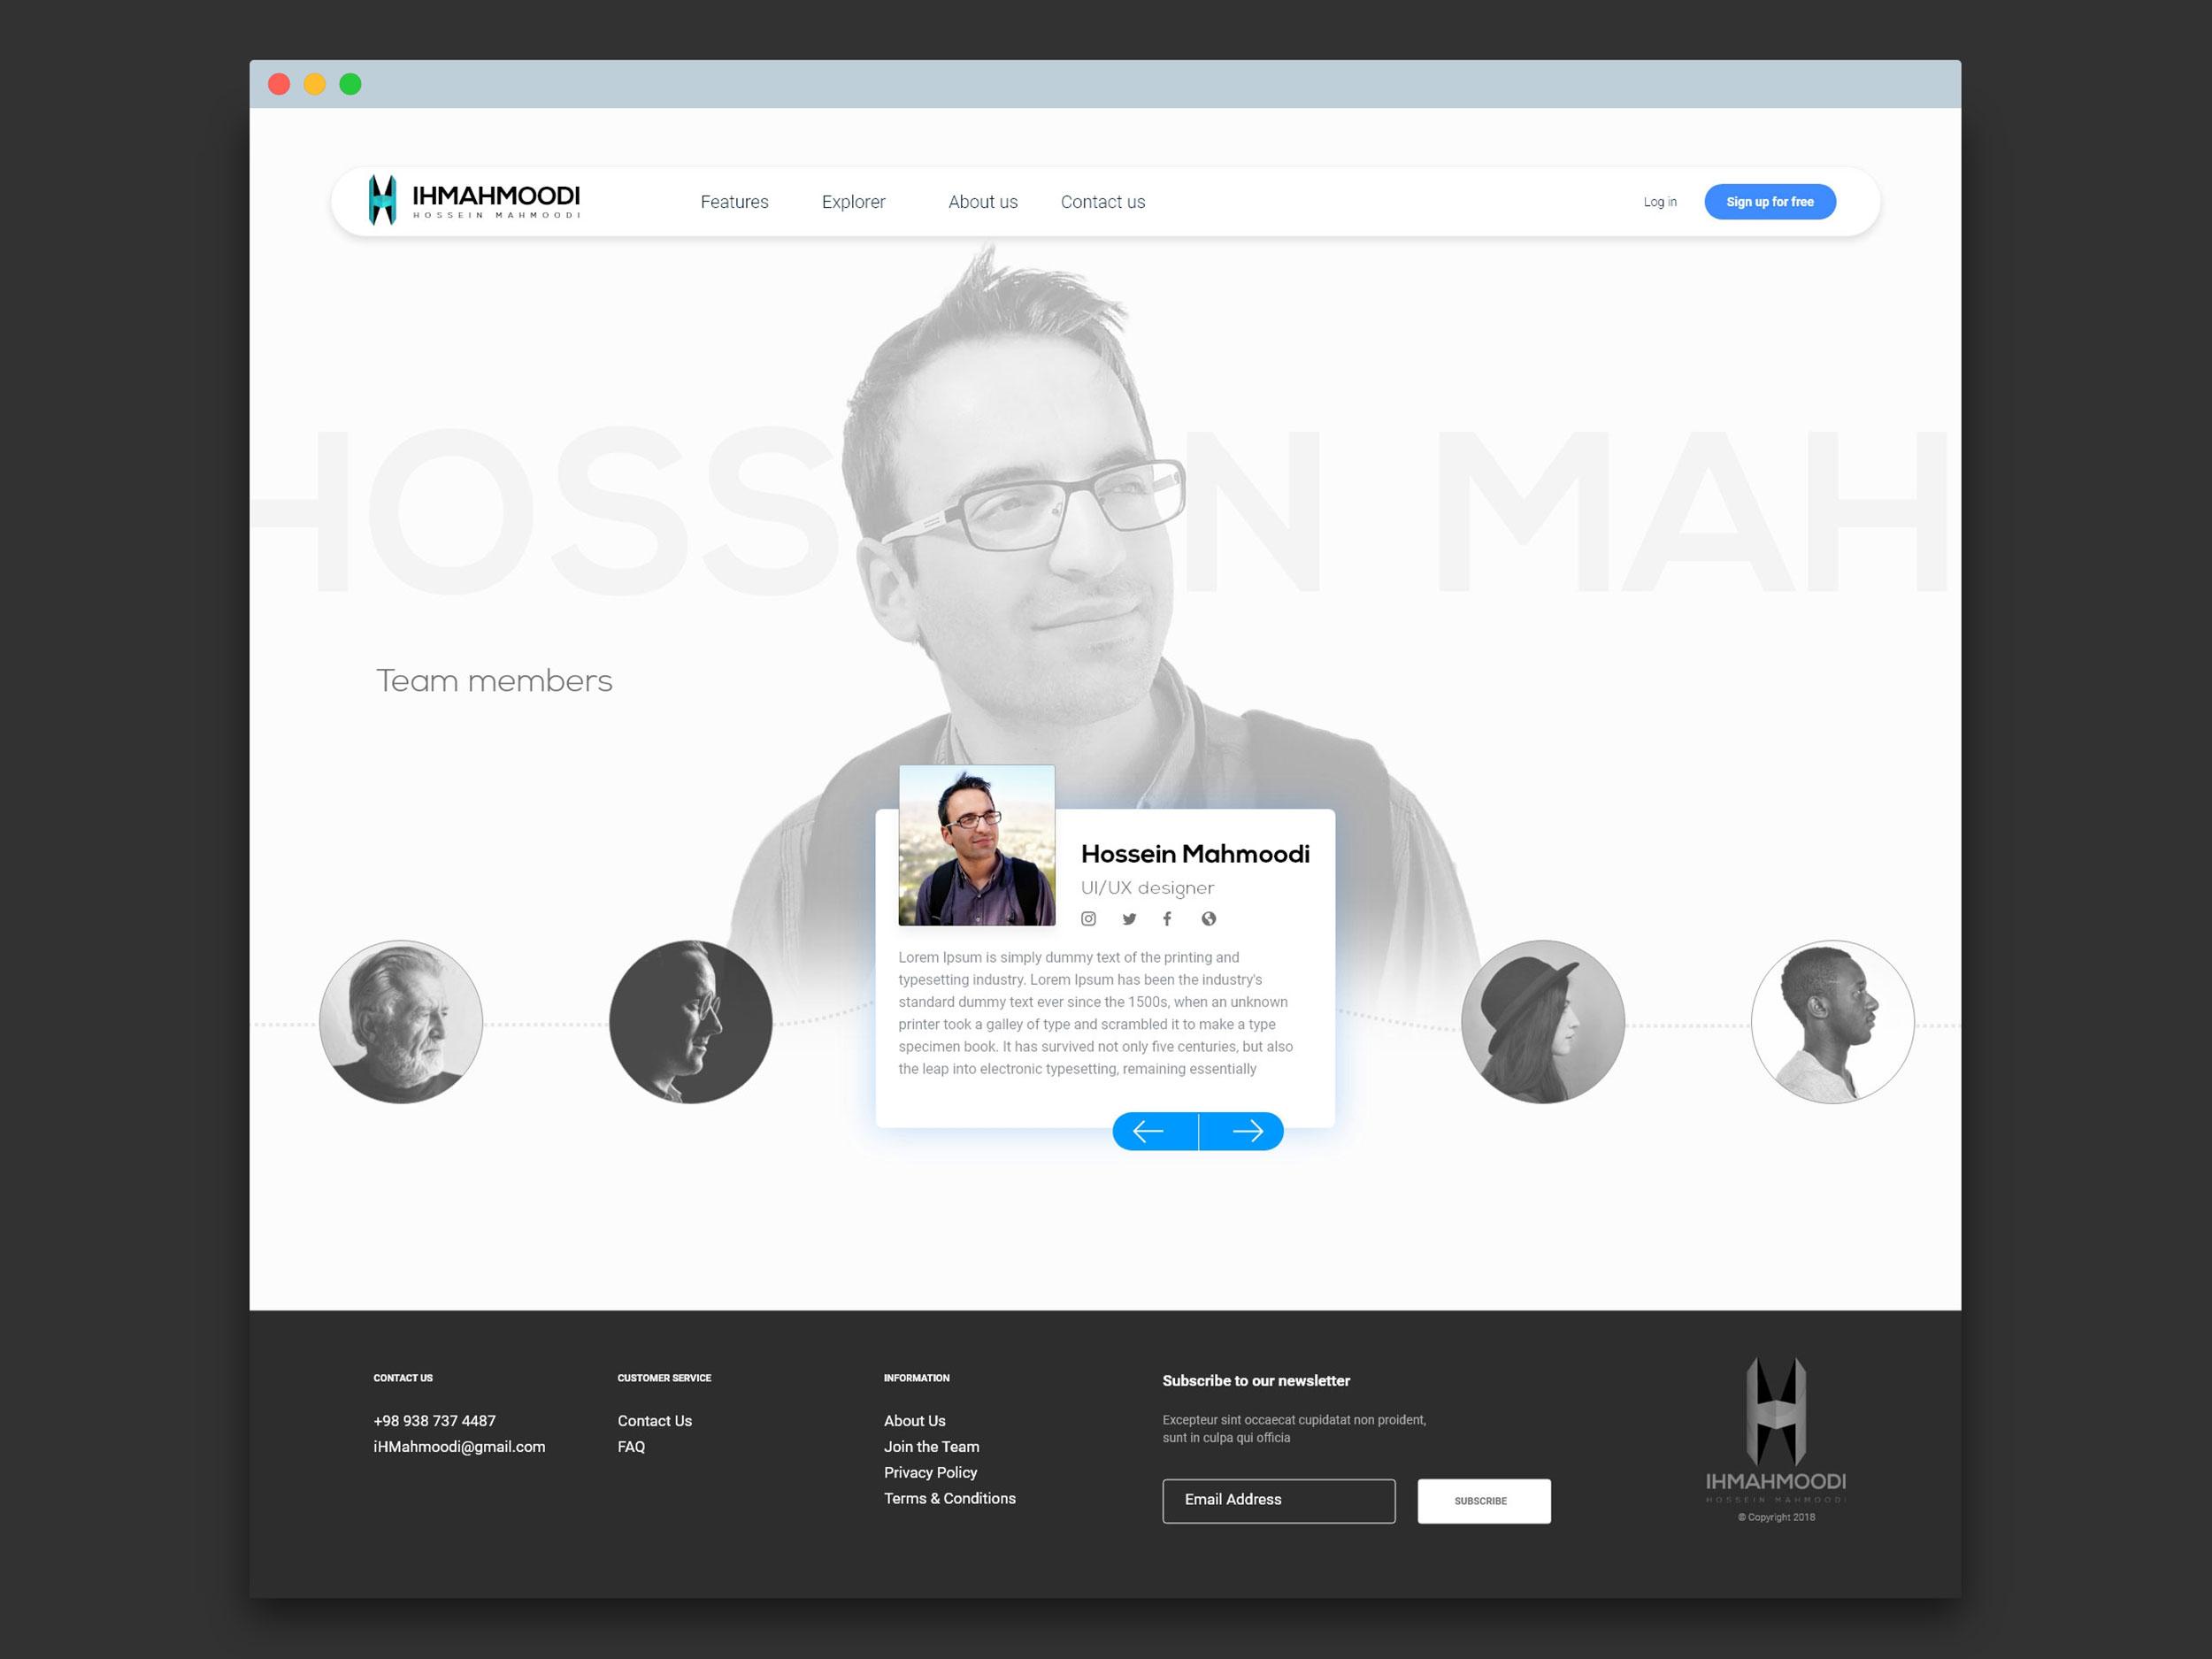 نمونه کار: رابط کاربری صفحه اعضای تیم - Team members page UI/UX